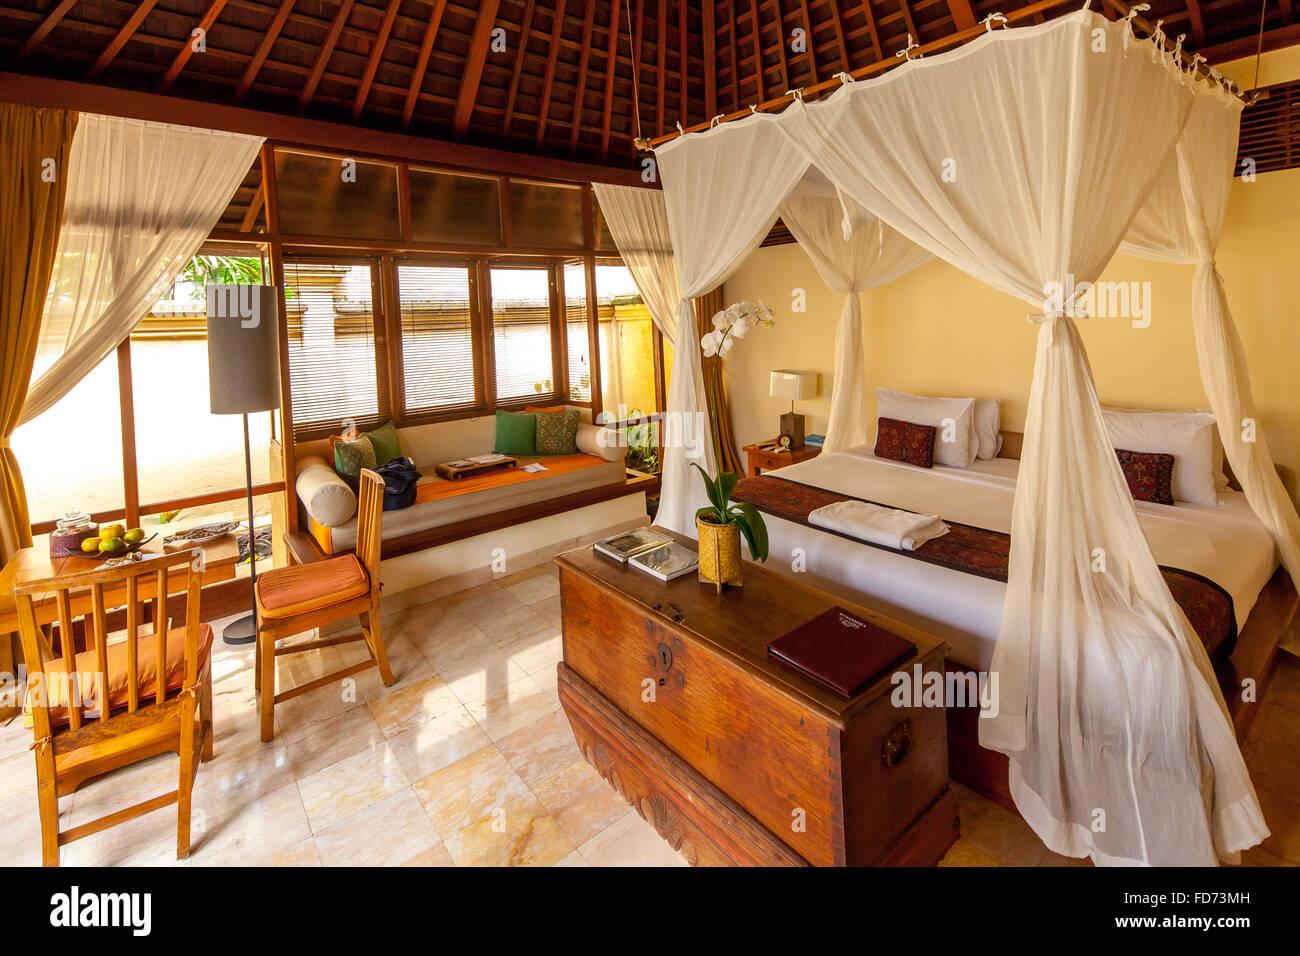 Habitaciones con cama con dosel, turismo, viajes, Ubud, Bali, Indonesia, Asia Imagen De Stock